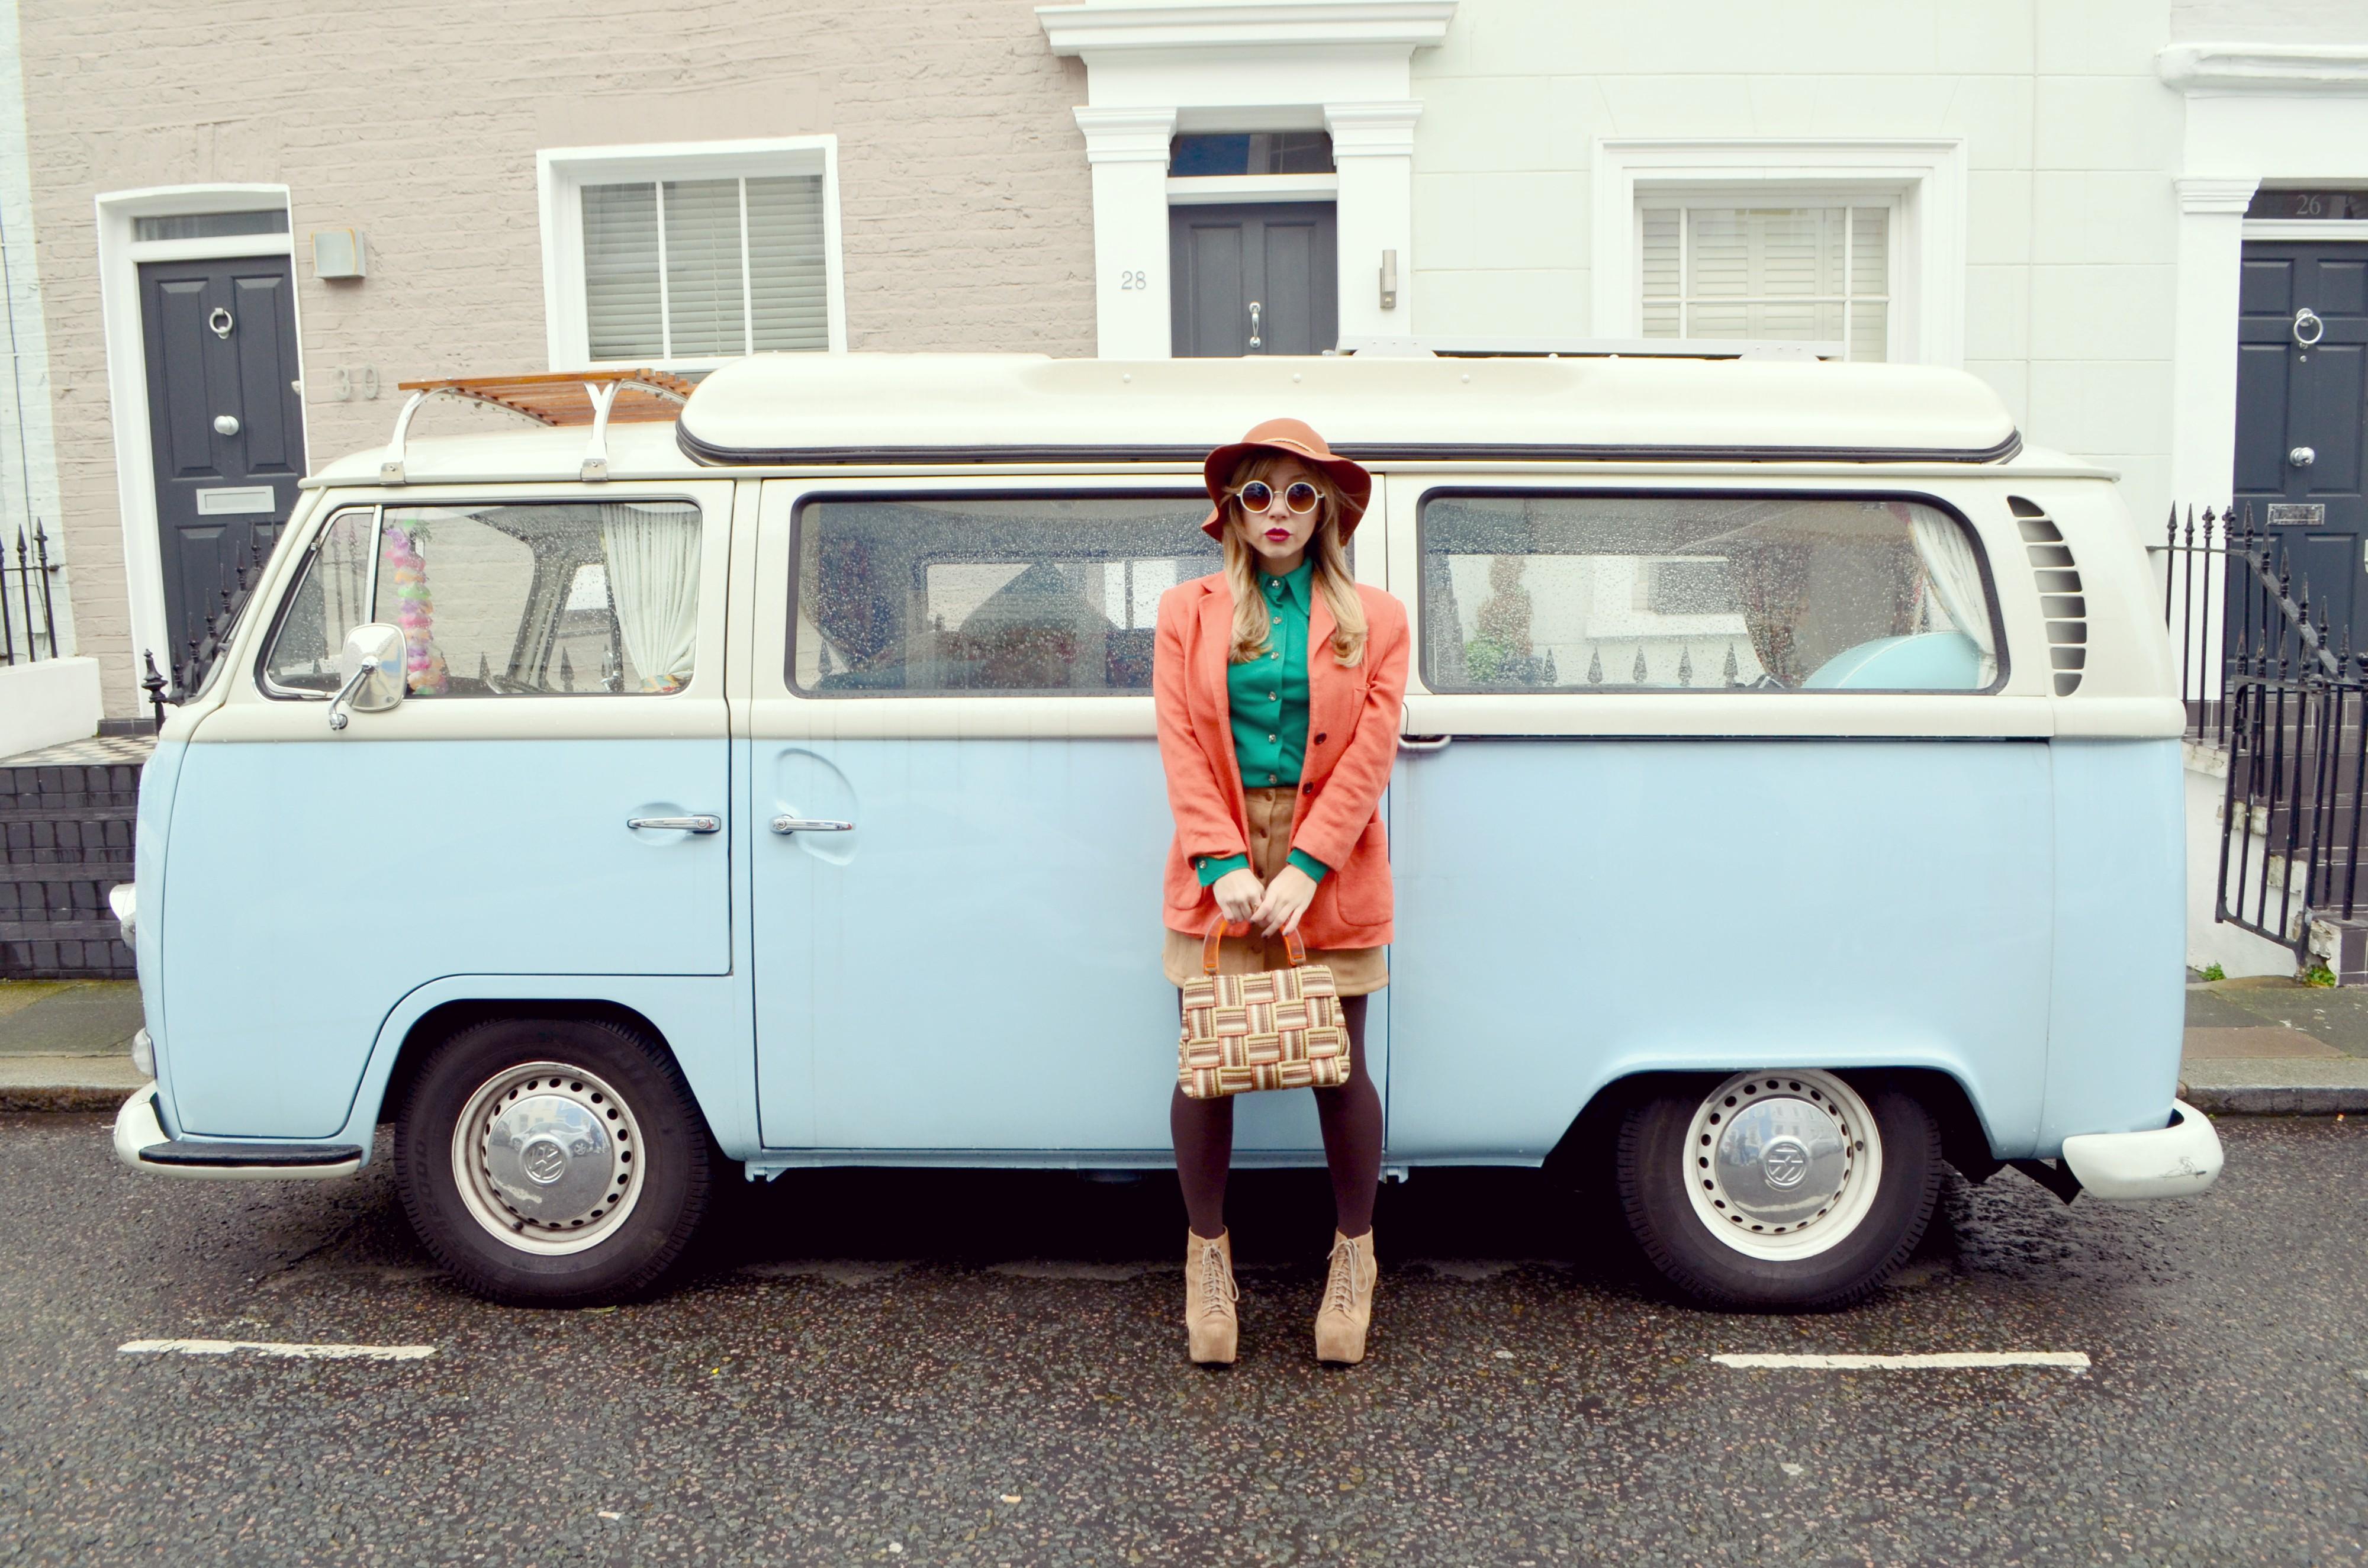 Blog-de-moda-ChicAdicta-Chic-Adicta-fashionista-look-falda-de-ante-JustFab-camel-outfit-London-street-style-PiensaenChic-Piensa-en-Chic